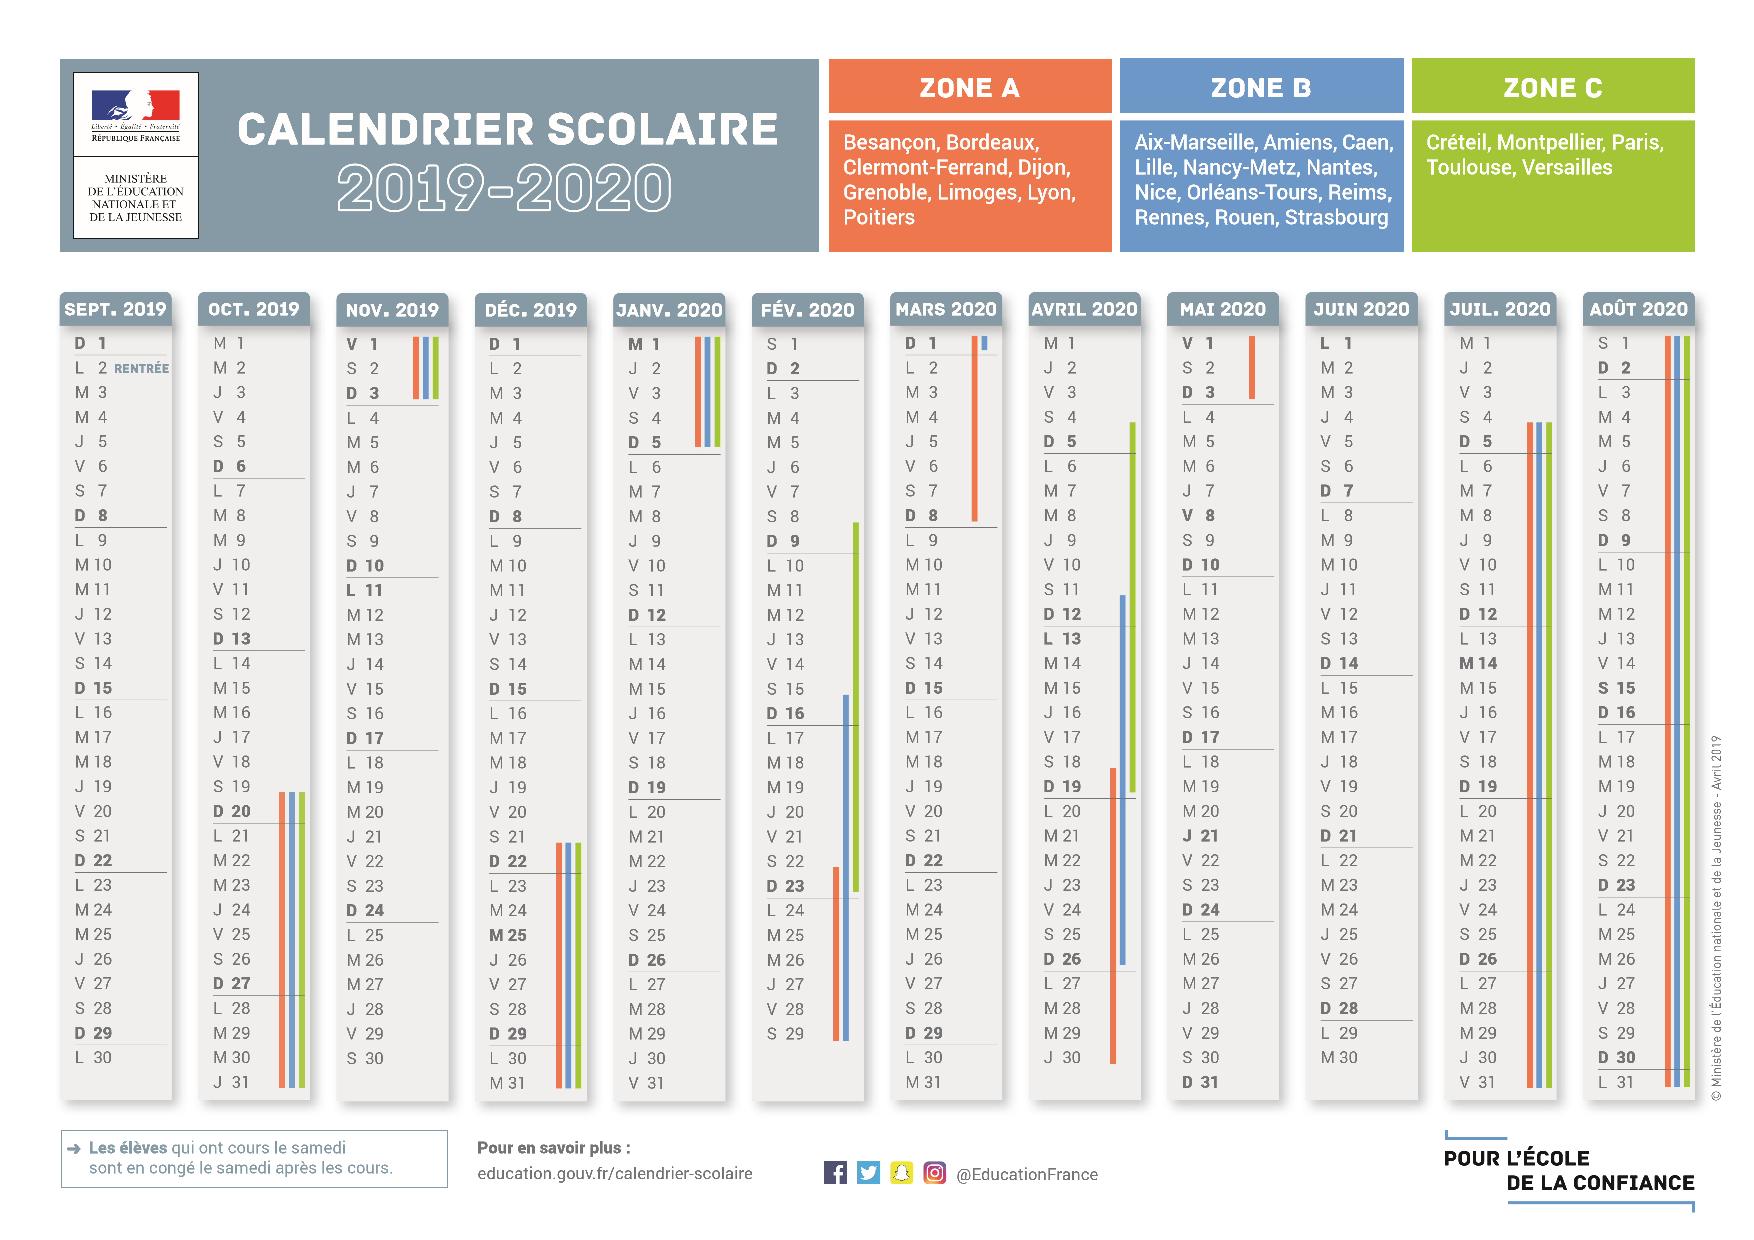 Calendrier 2020 2019.Le Calendrier Scolaire Officiel Pour L Annee 2019 2020